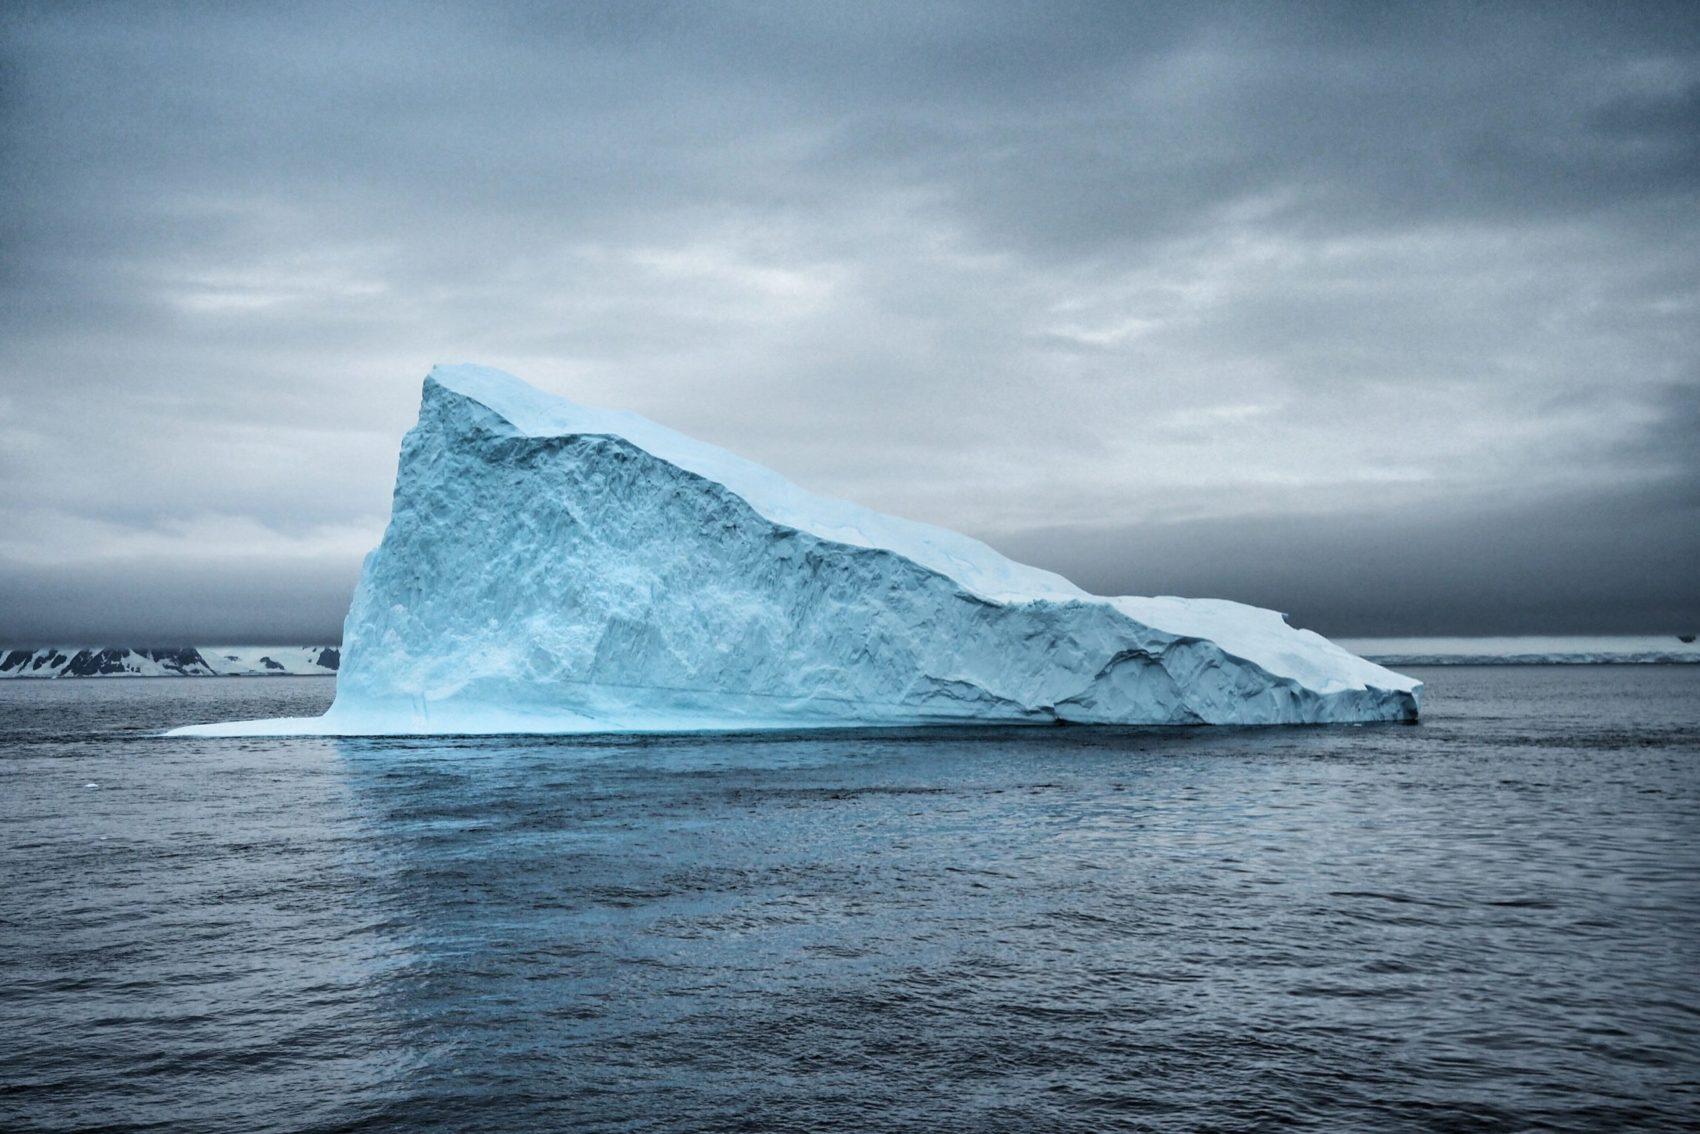 weird water floats when it freezes